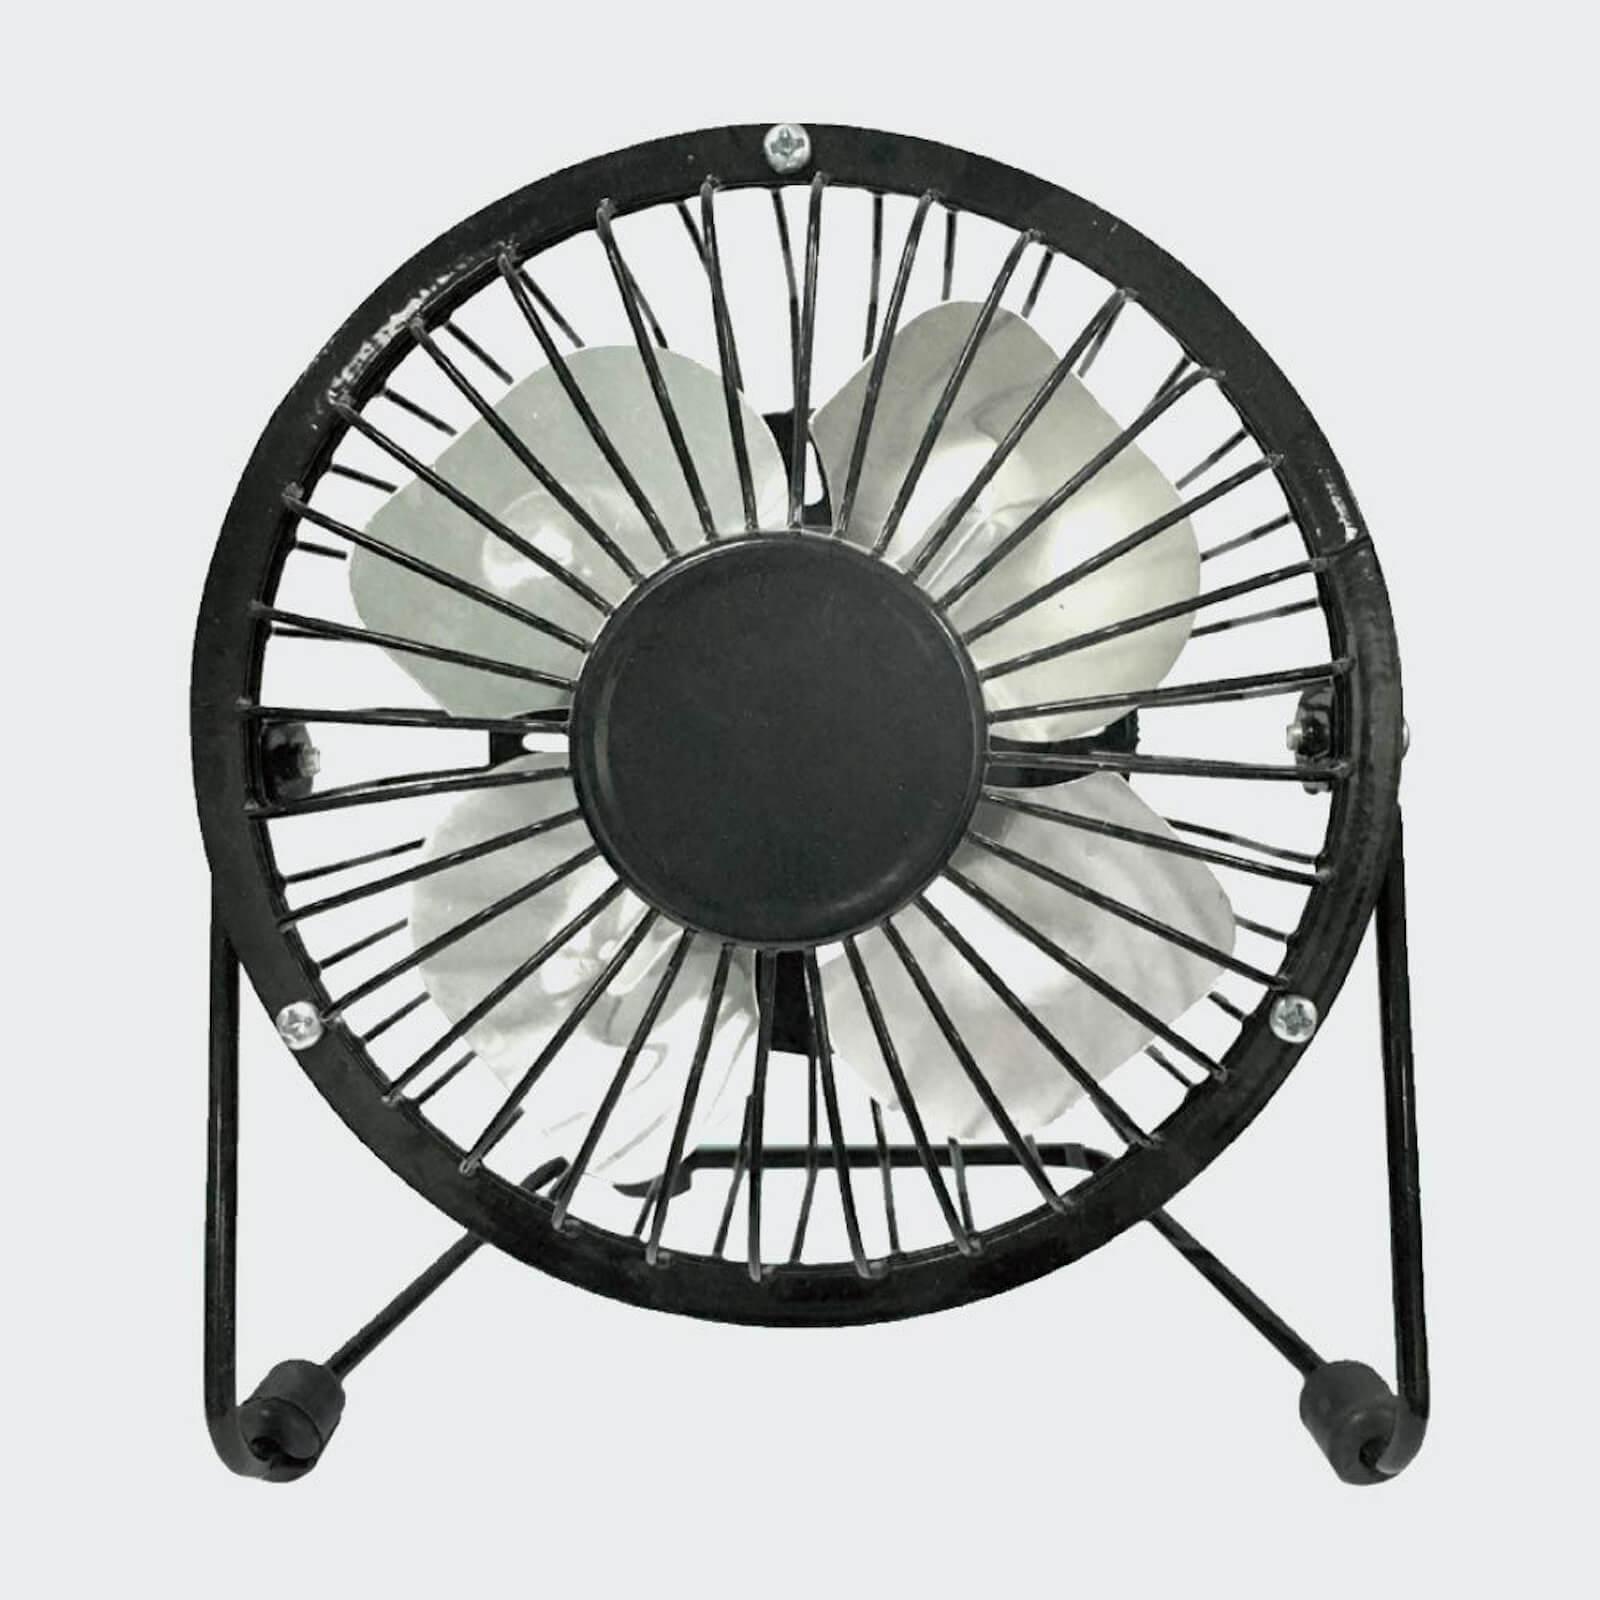 Image of Desk Fan - Black